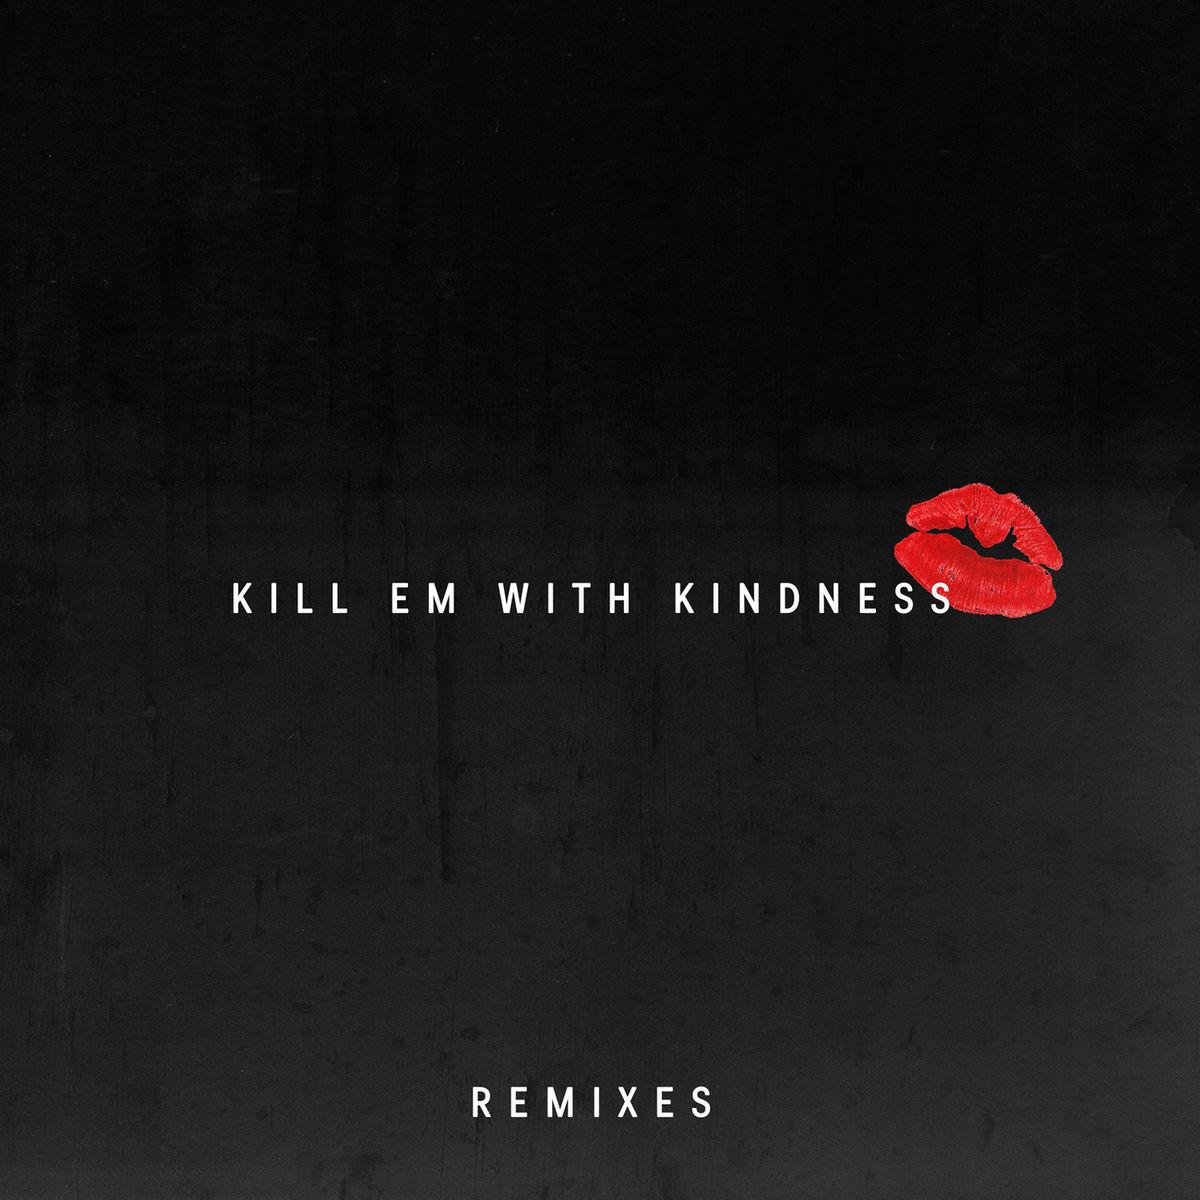 دانلود ریمیکس های آهنگ Kill Em With Kindness با کیفیت Flac